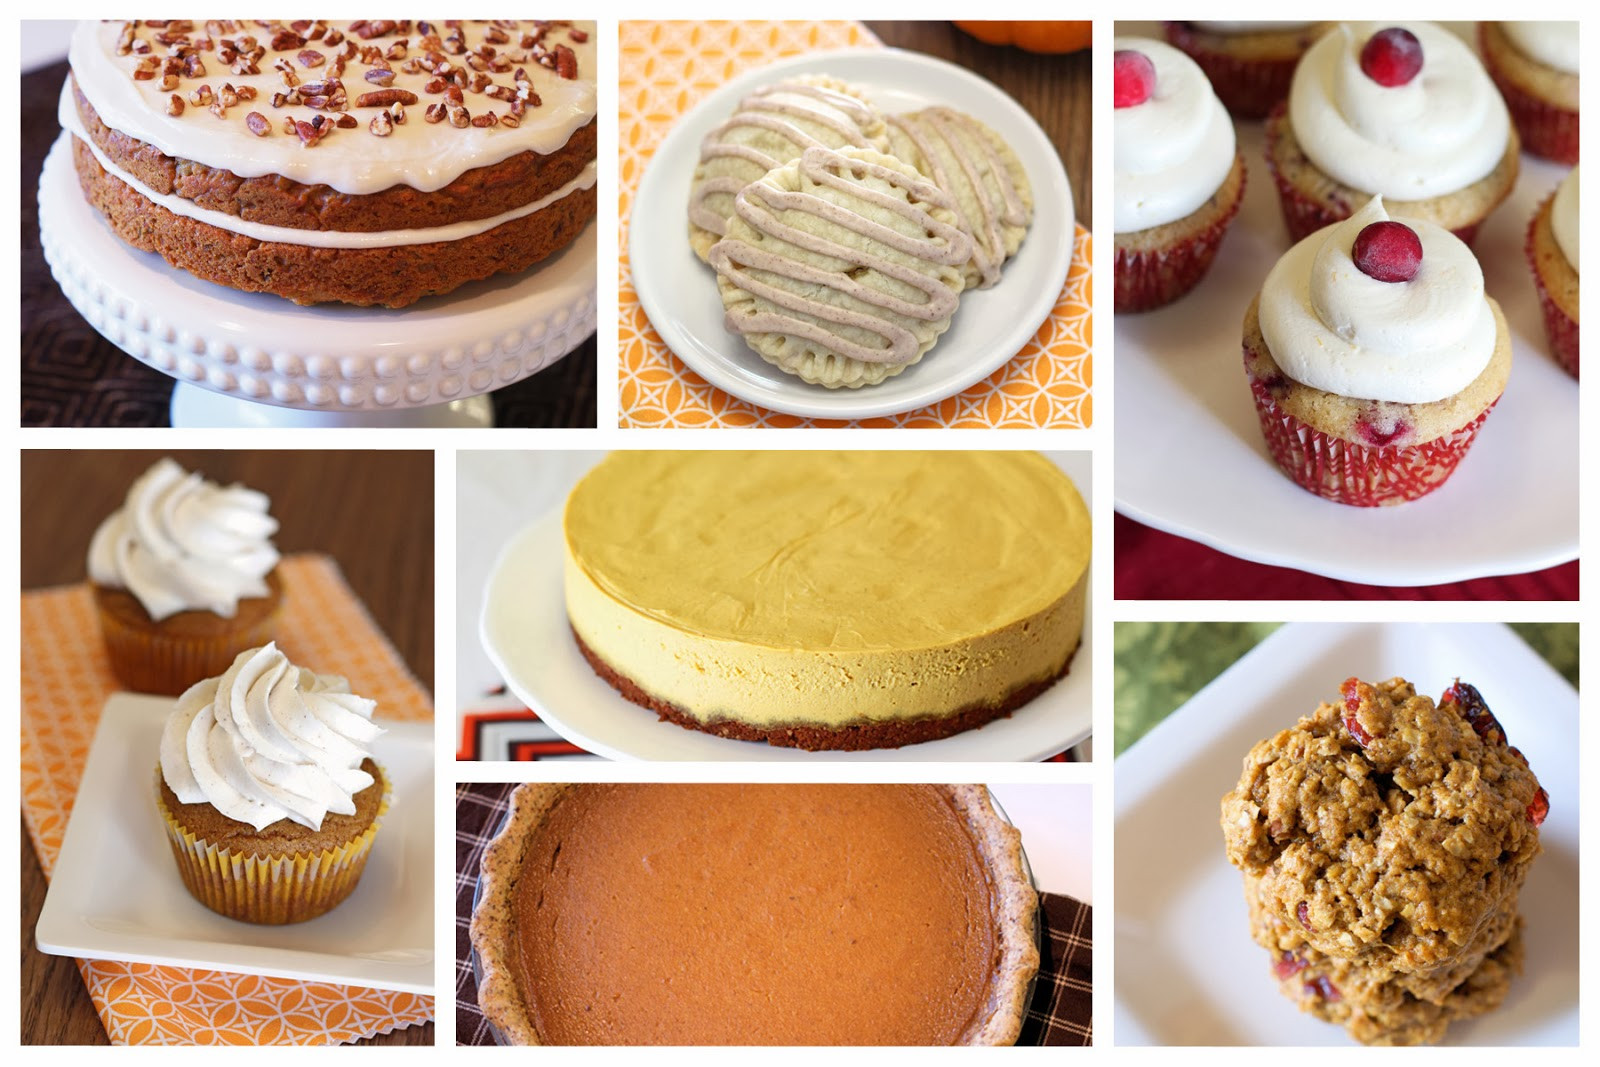 Vegan Thanksgiving Dessert  gluten free vegan thanksgiving desserts Sarah Bakes